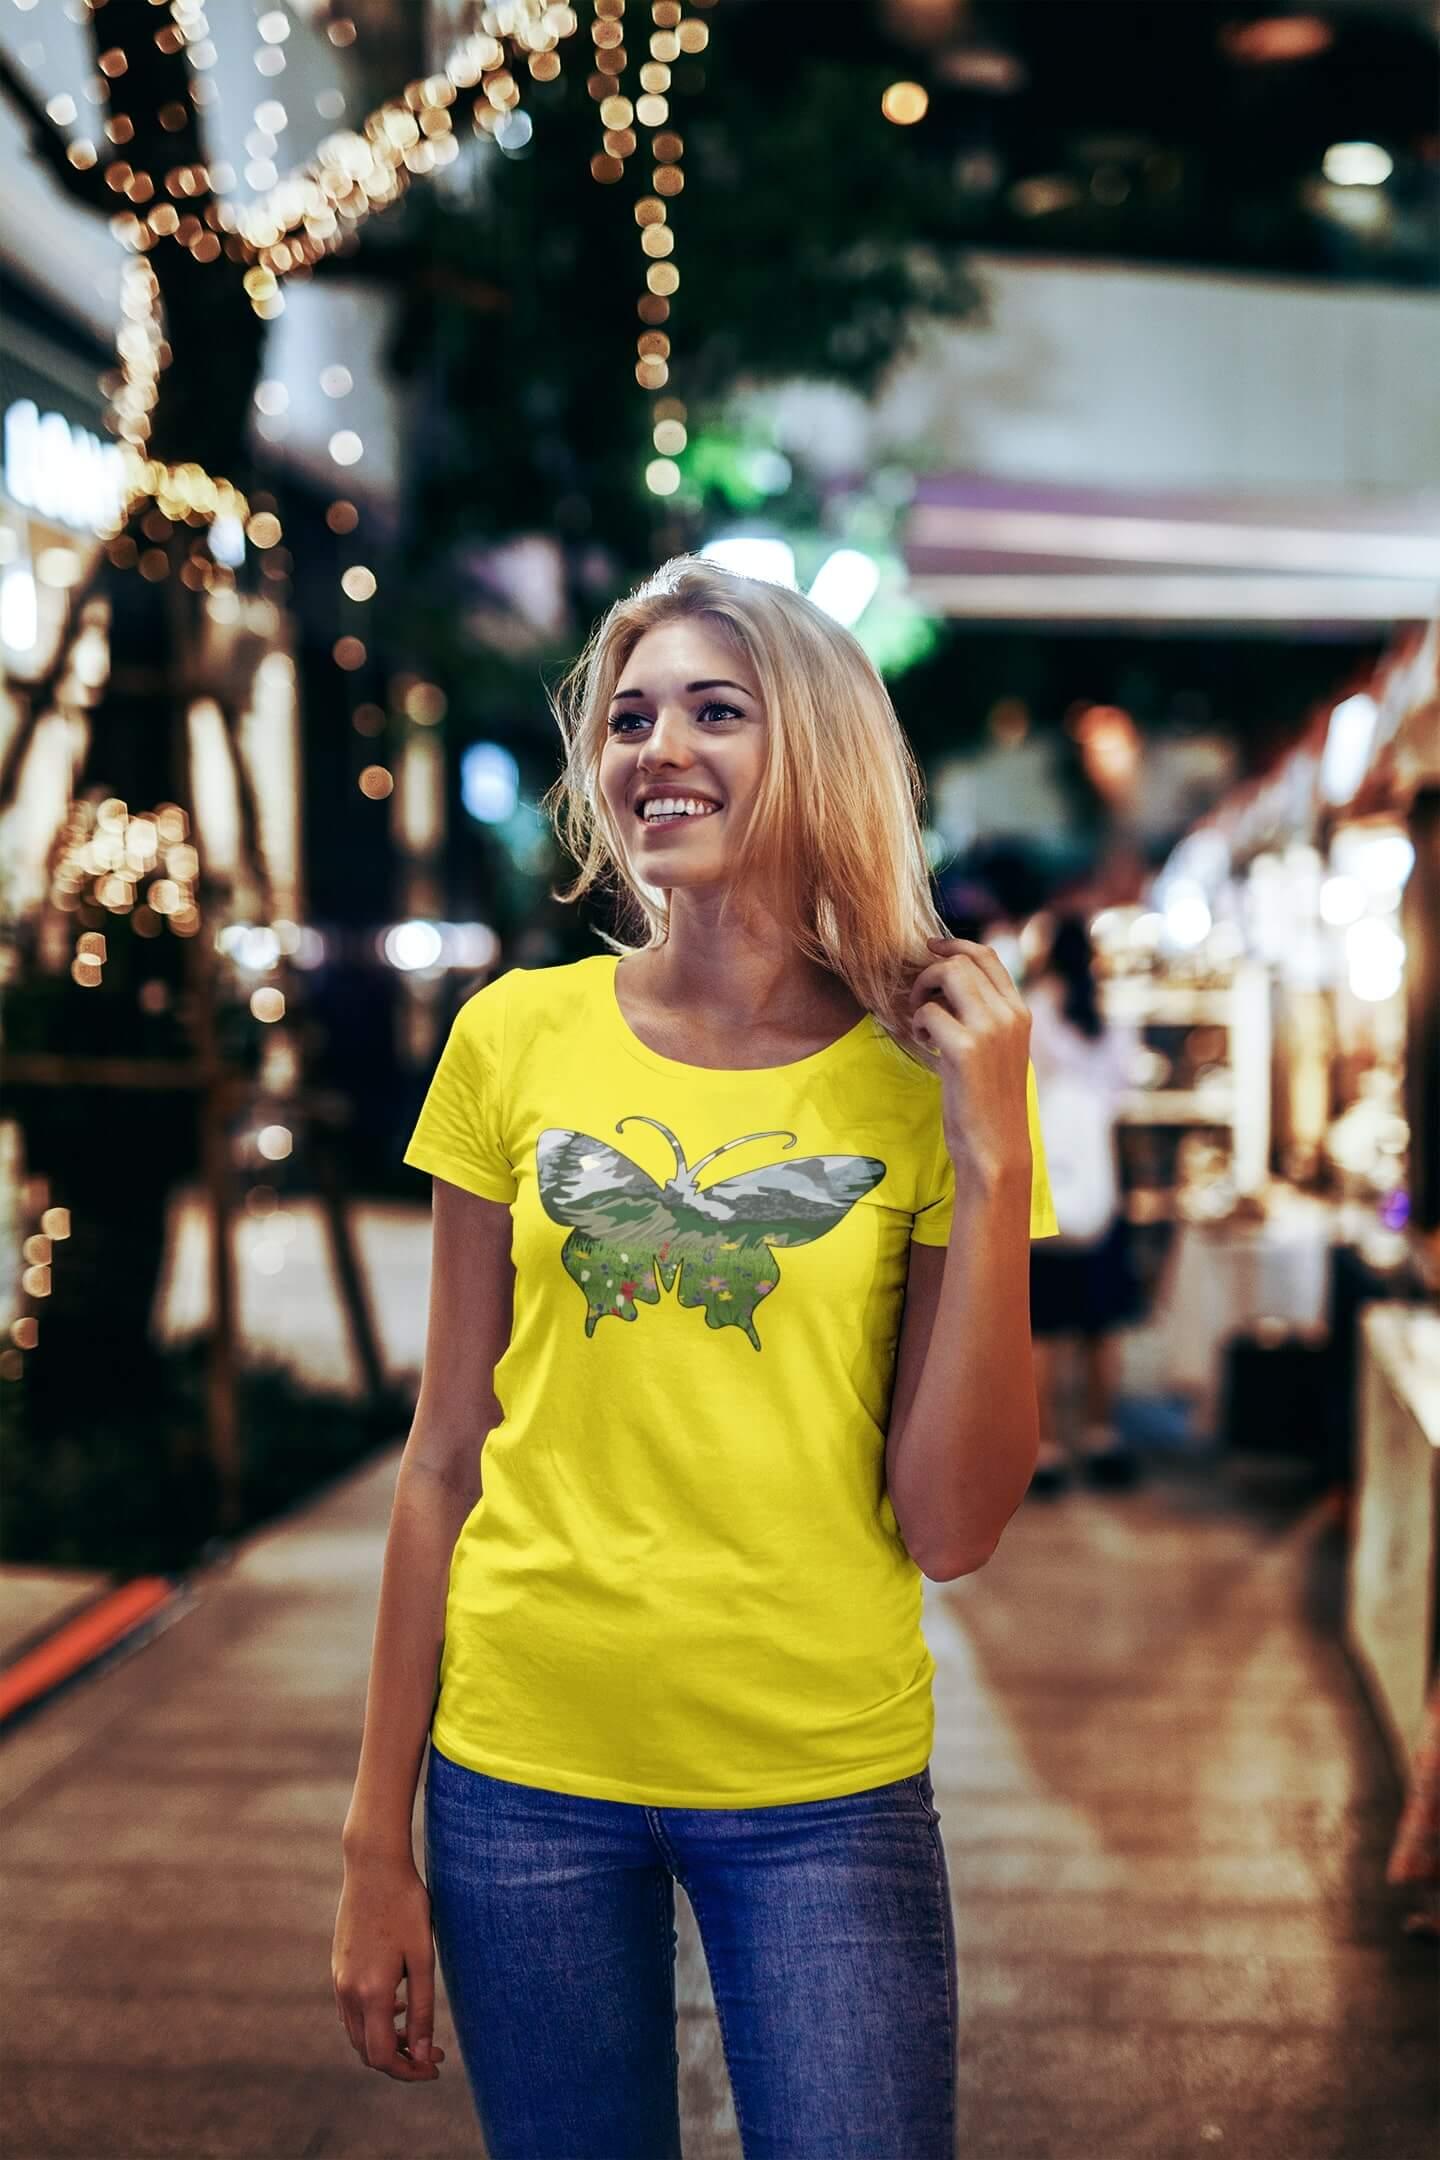 MMO Dámske tričko Motýľ Vyberte farbu: Citrónová, Vyberte veľkosť: S